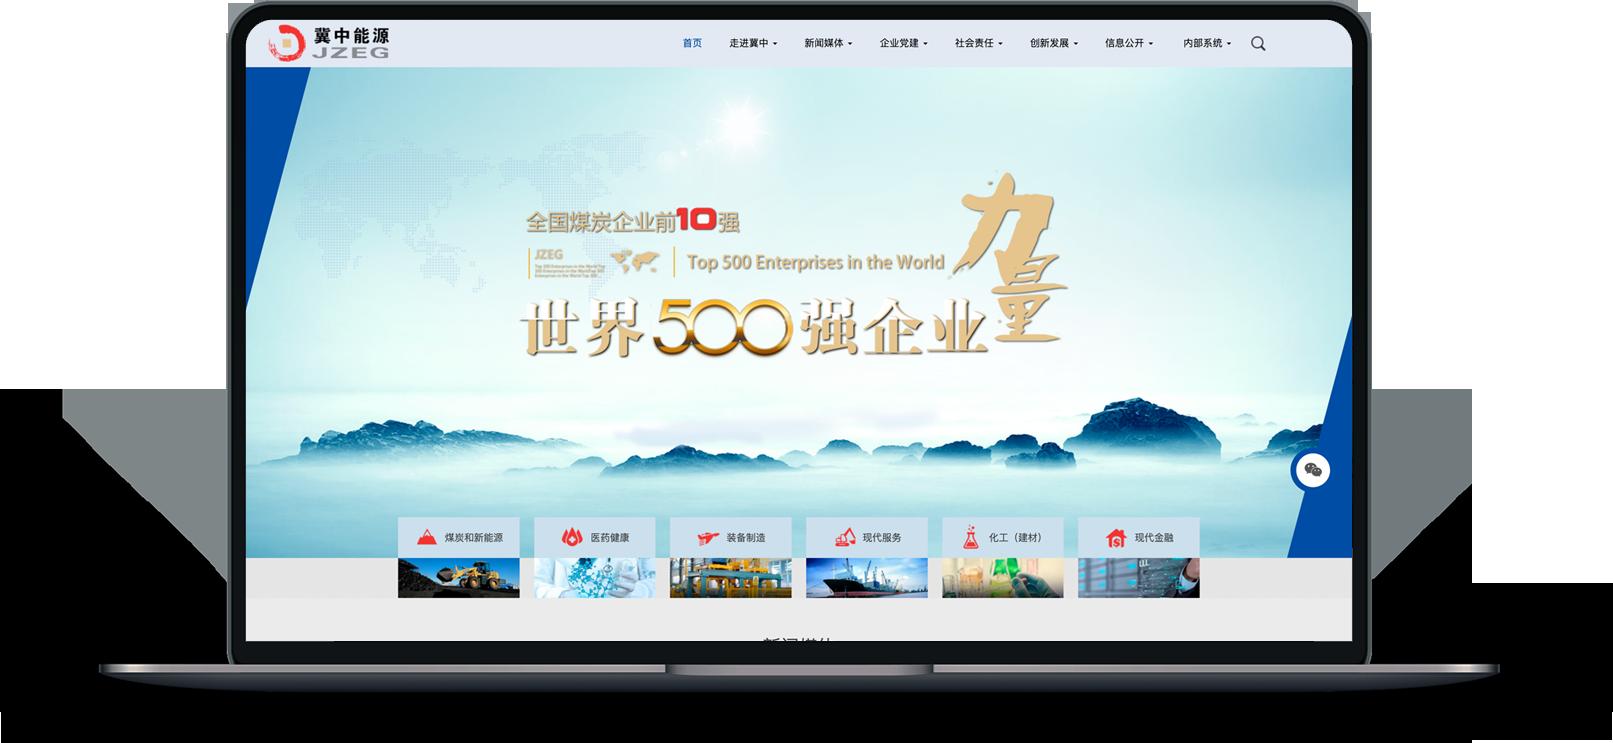 冀中能源集团网站建设